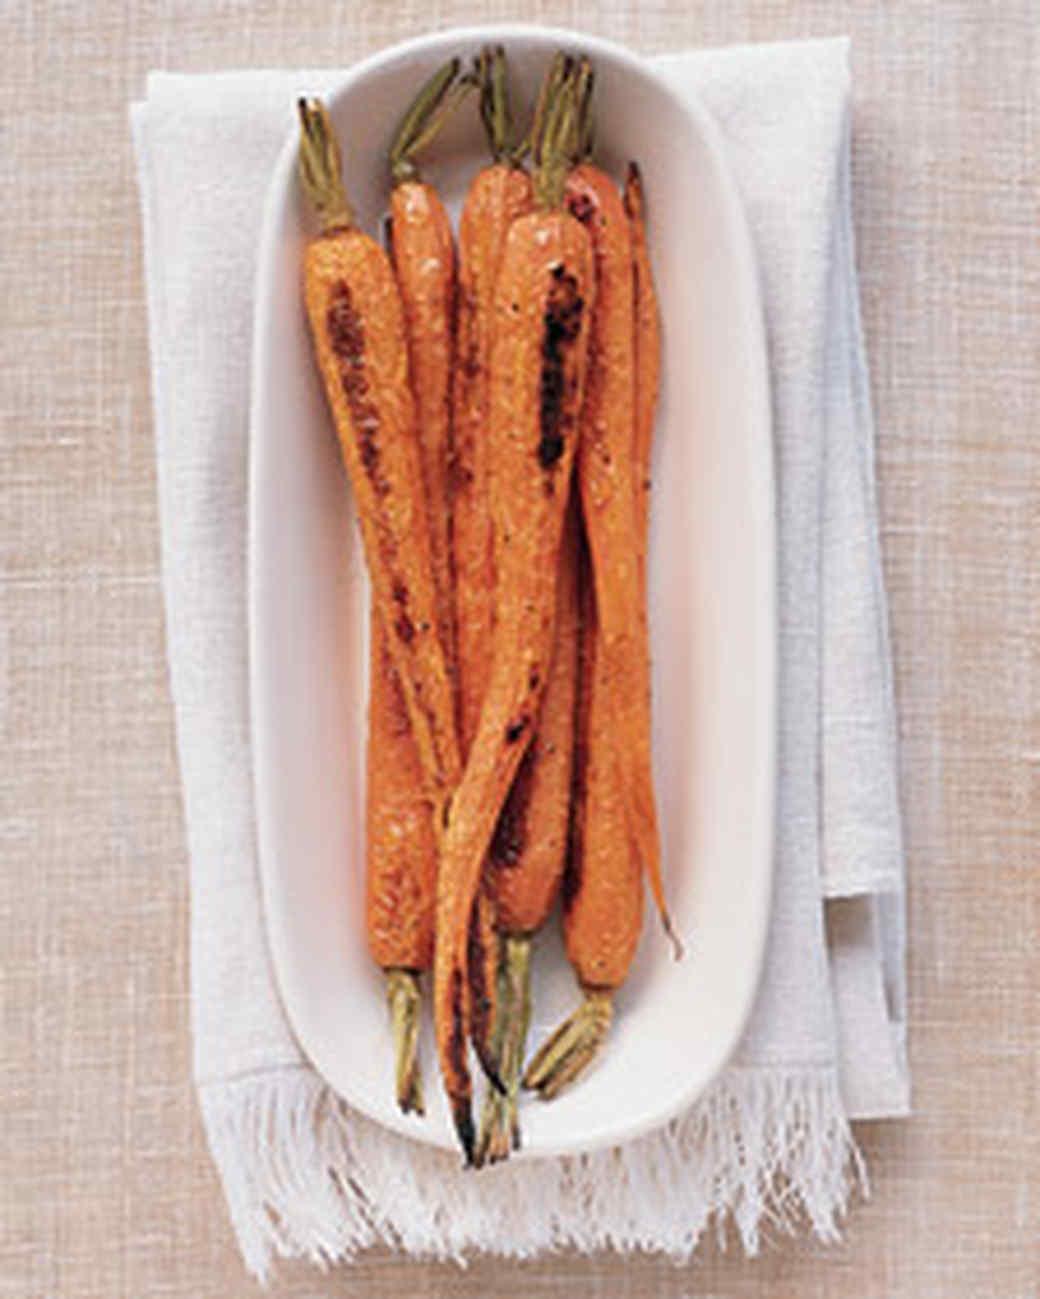 msl210_1002_carrots_ckd.jpg